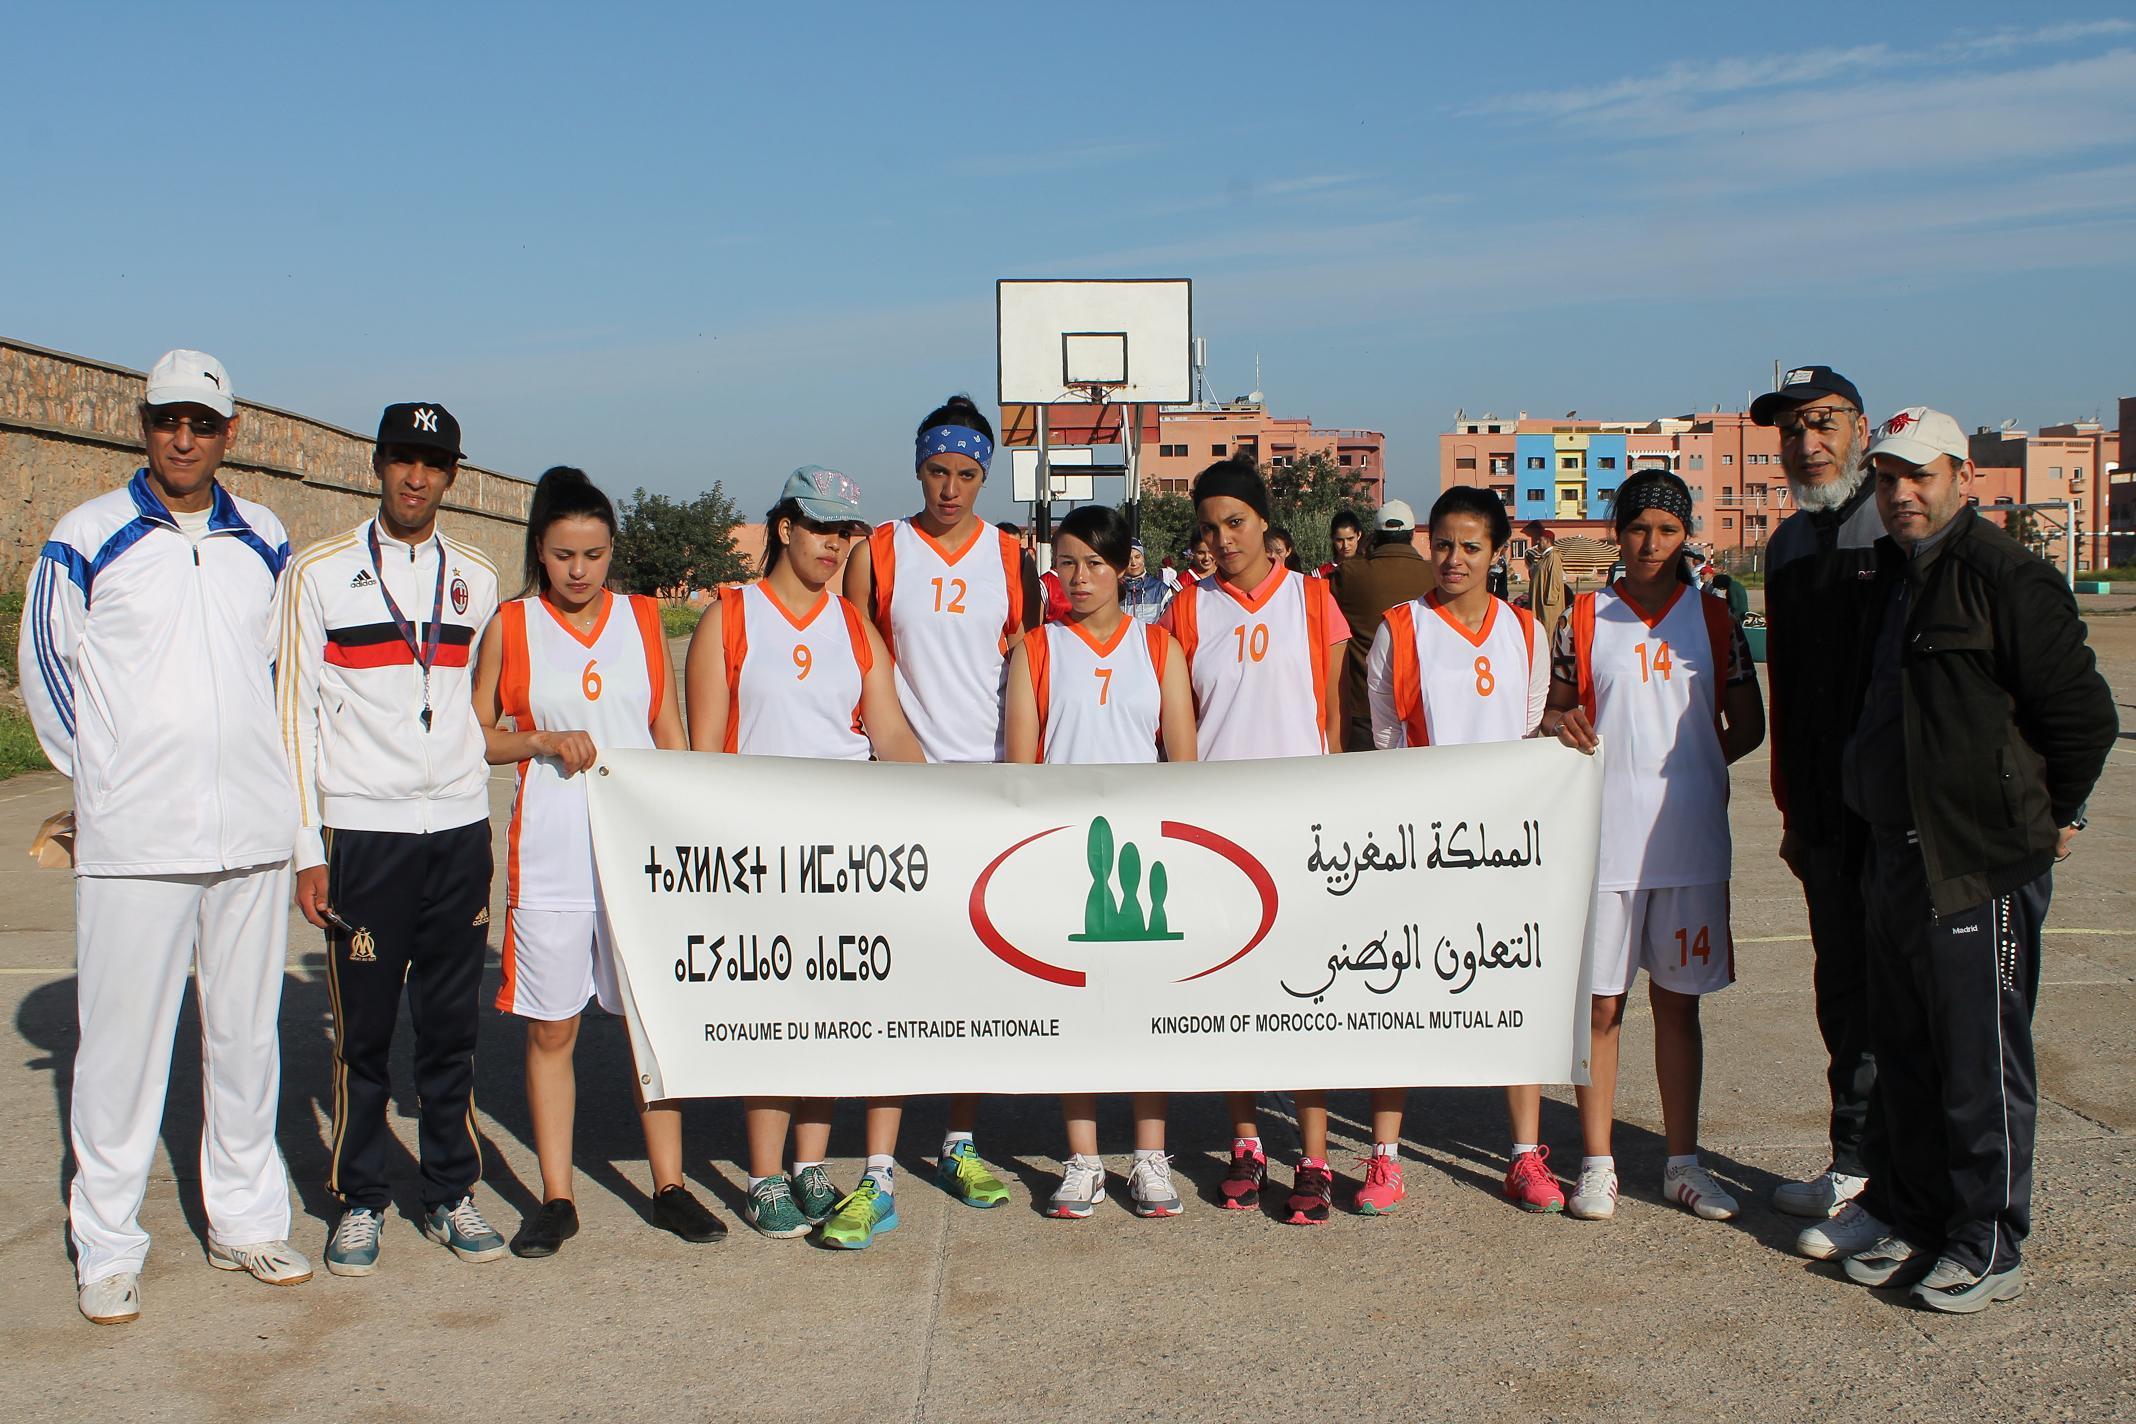 المركب الاجتماعي بني ملال يستضيف نصف نهاية الألعاب الرياضية للتعاون الوطني الدورة 43